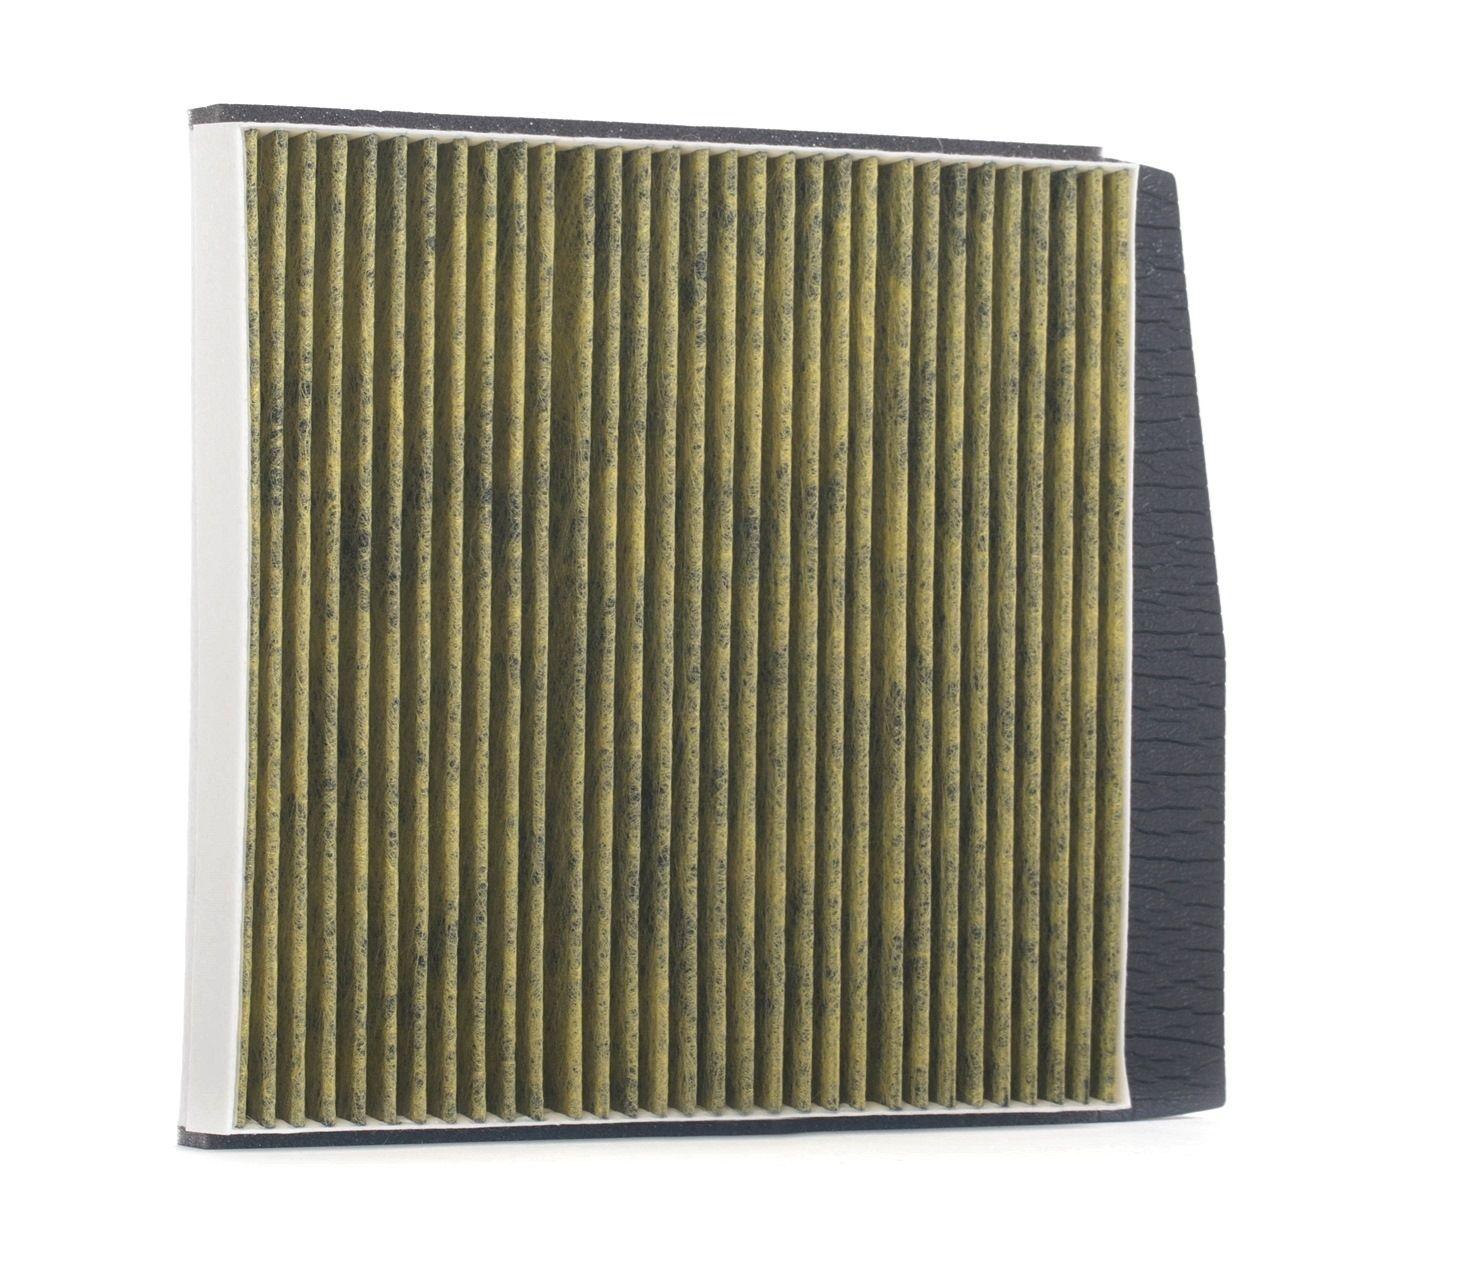 FP 2855 MANN-FILTER Aktivkohlefilter, Aktivkohlefilter mit Polyphenol, Feinstaubfilter (PM 2.5), mit antibakterieller Wirkung, mit fungizider Wirkung, FreciousPlus Breite: 248mm, Höhe: 38mm, Länge: 278mm Filter, Innenraumluft FP 2855 günstig kaufen